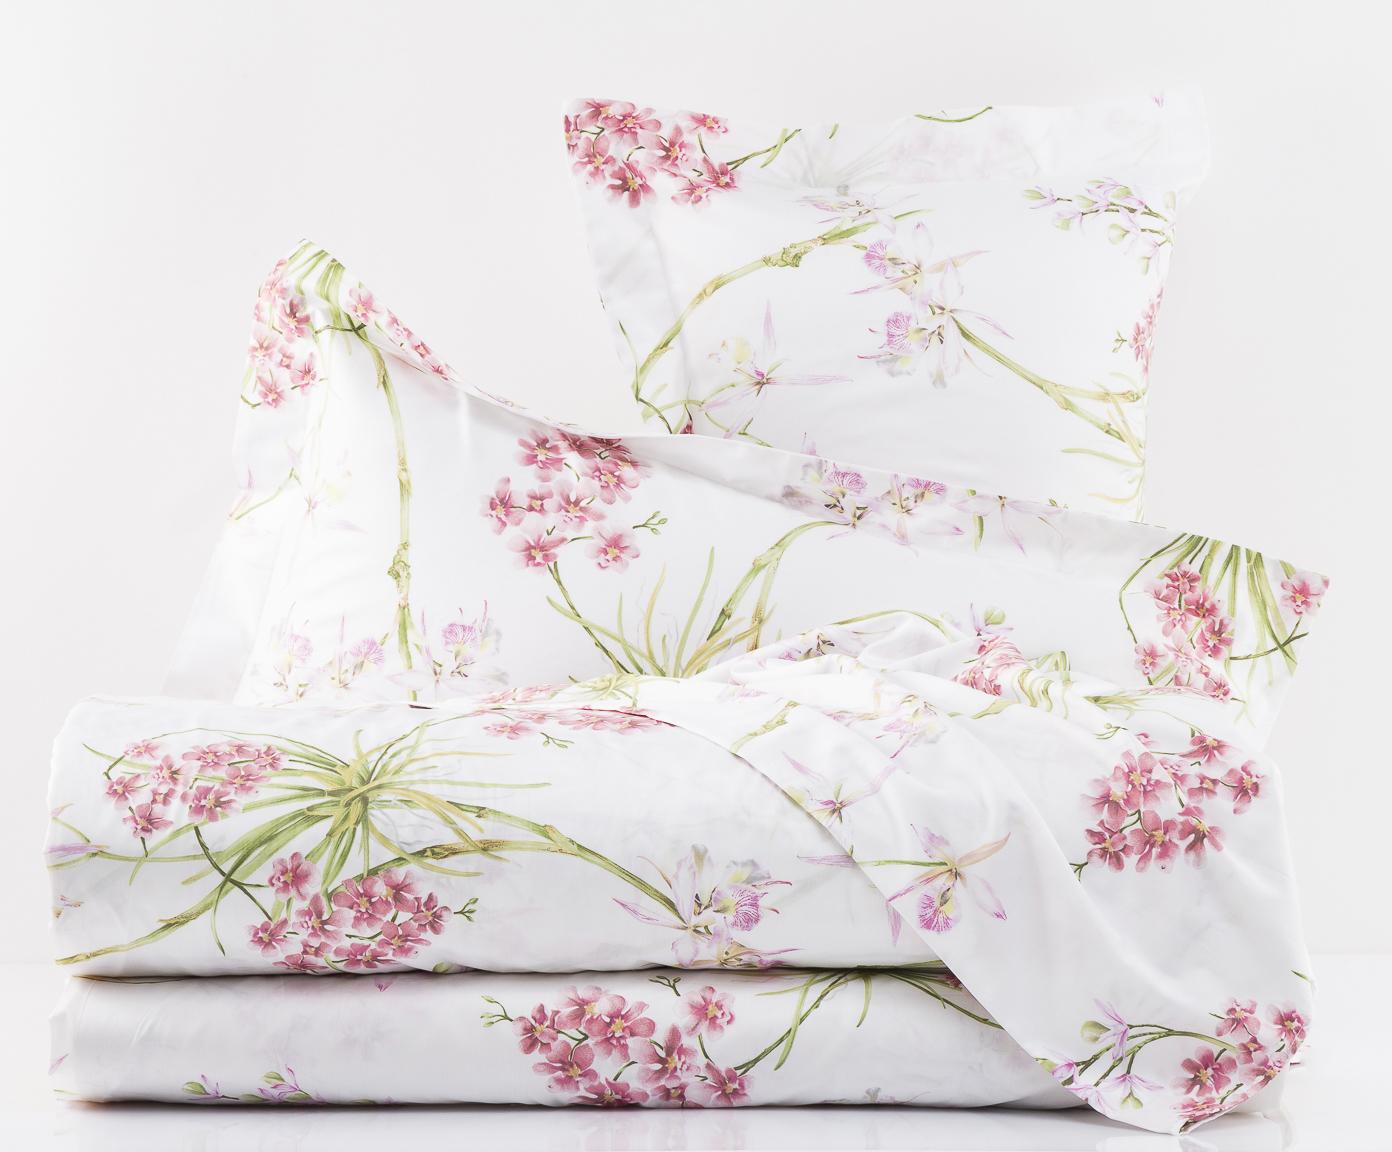 Постельное Постельное белье 2 спальное евро Mirabello Orchidee розовое komplekt-postelnogo-belya-orchidee-ot-mirabello-italiya.jpg